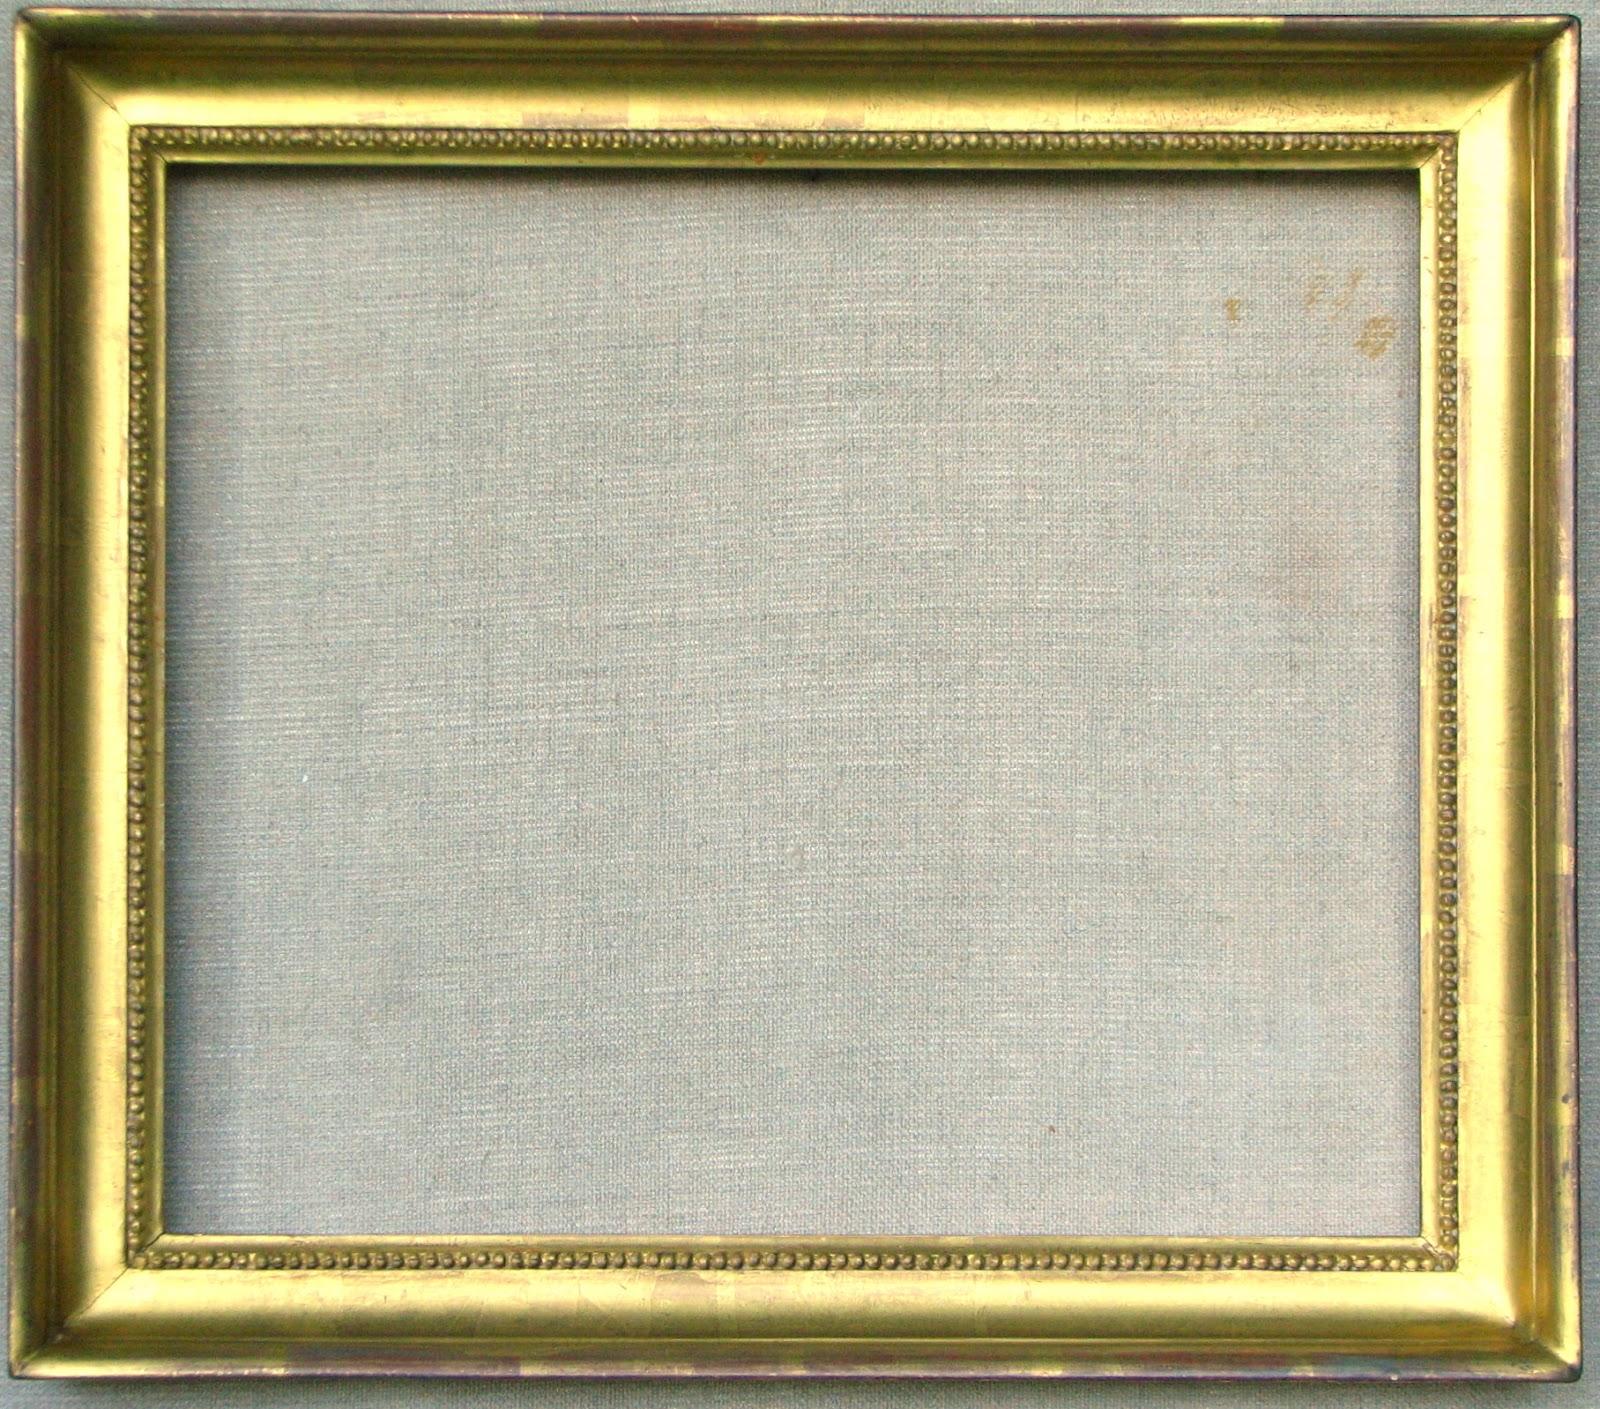 Dermot McArdle: More Gilded Frames